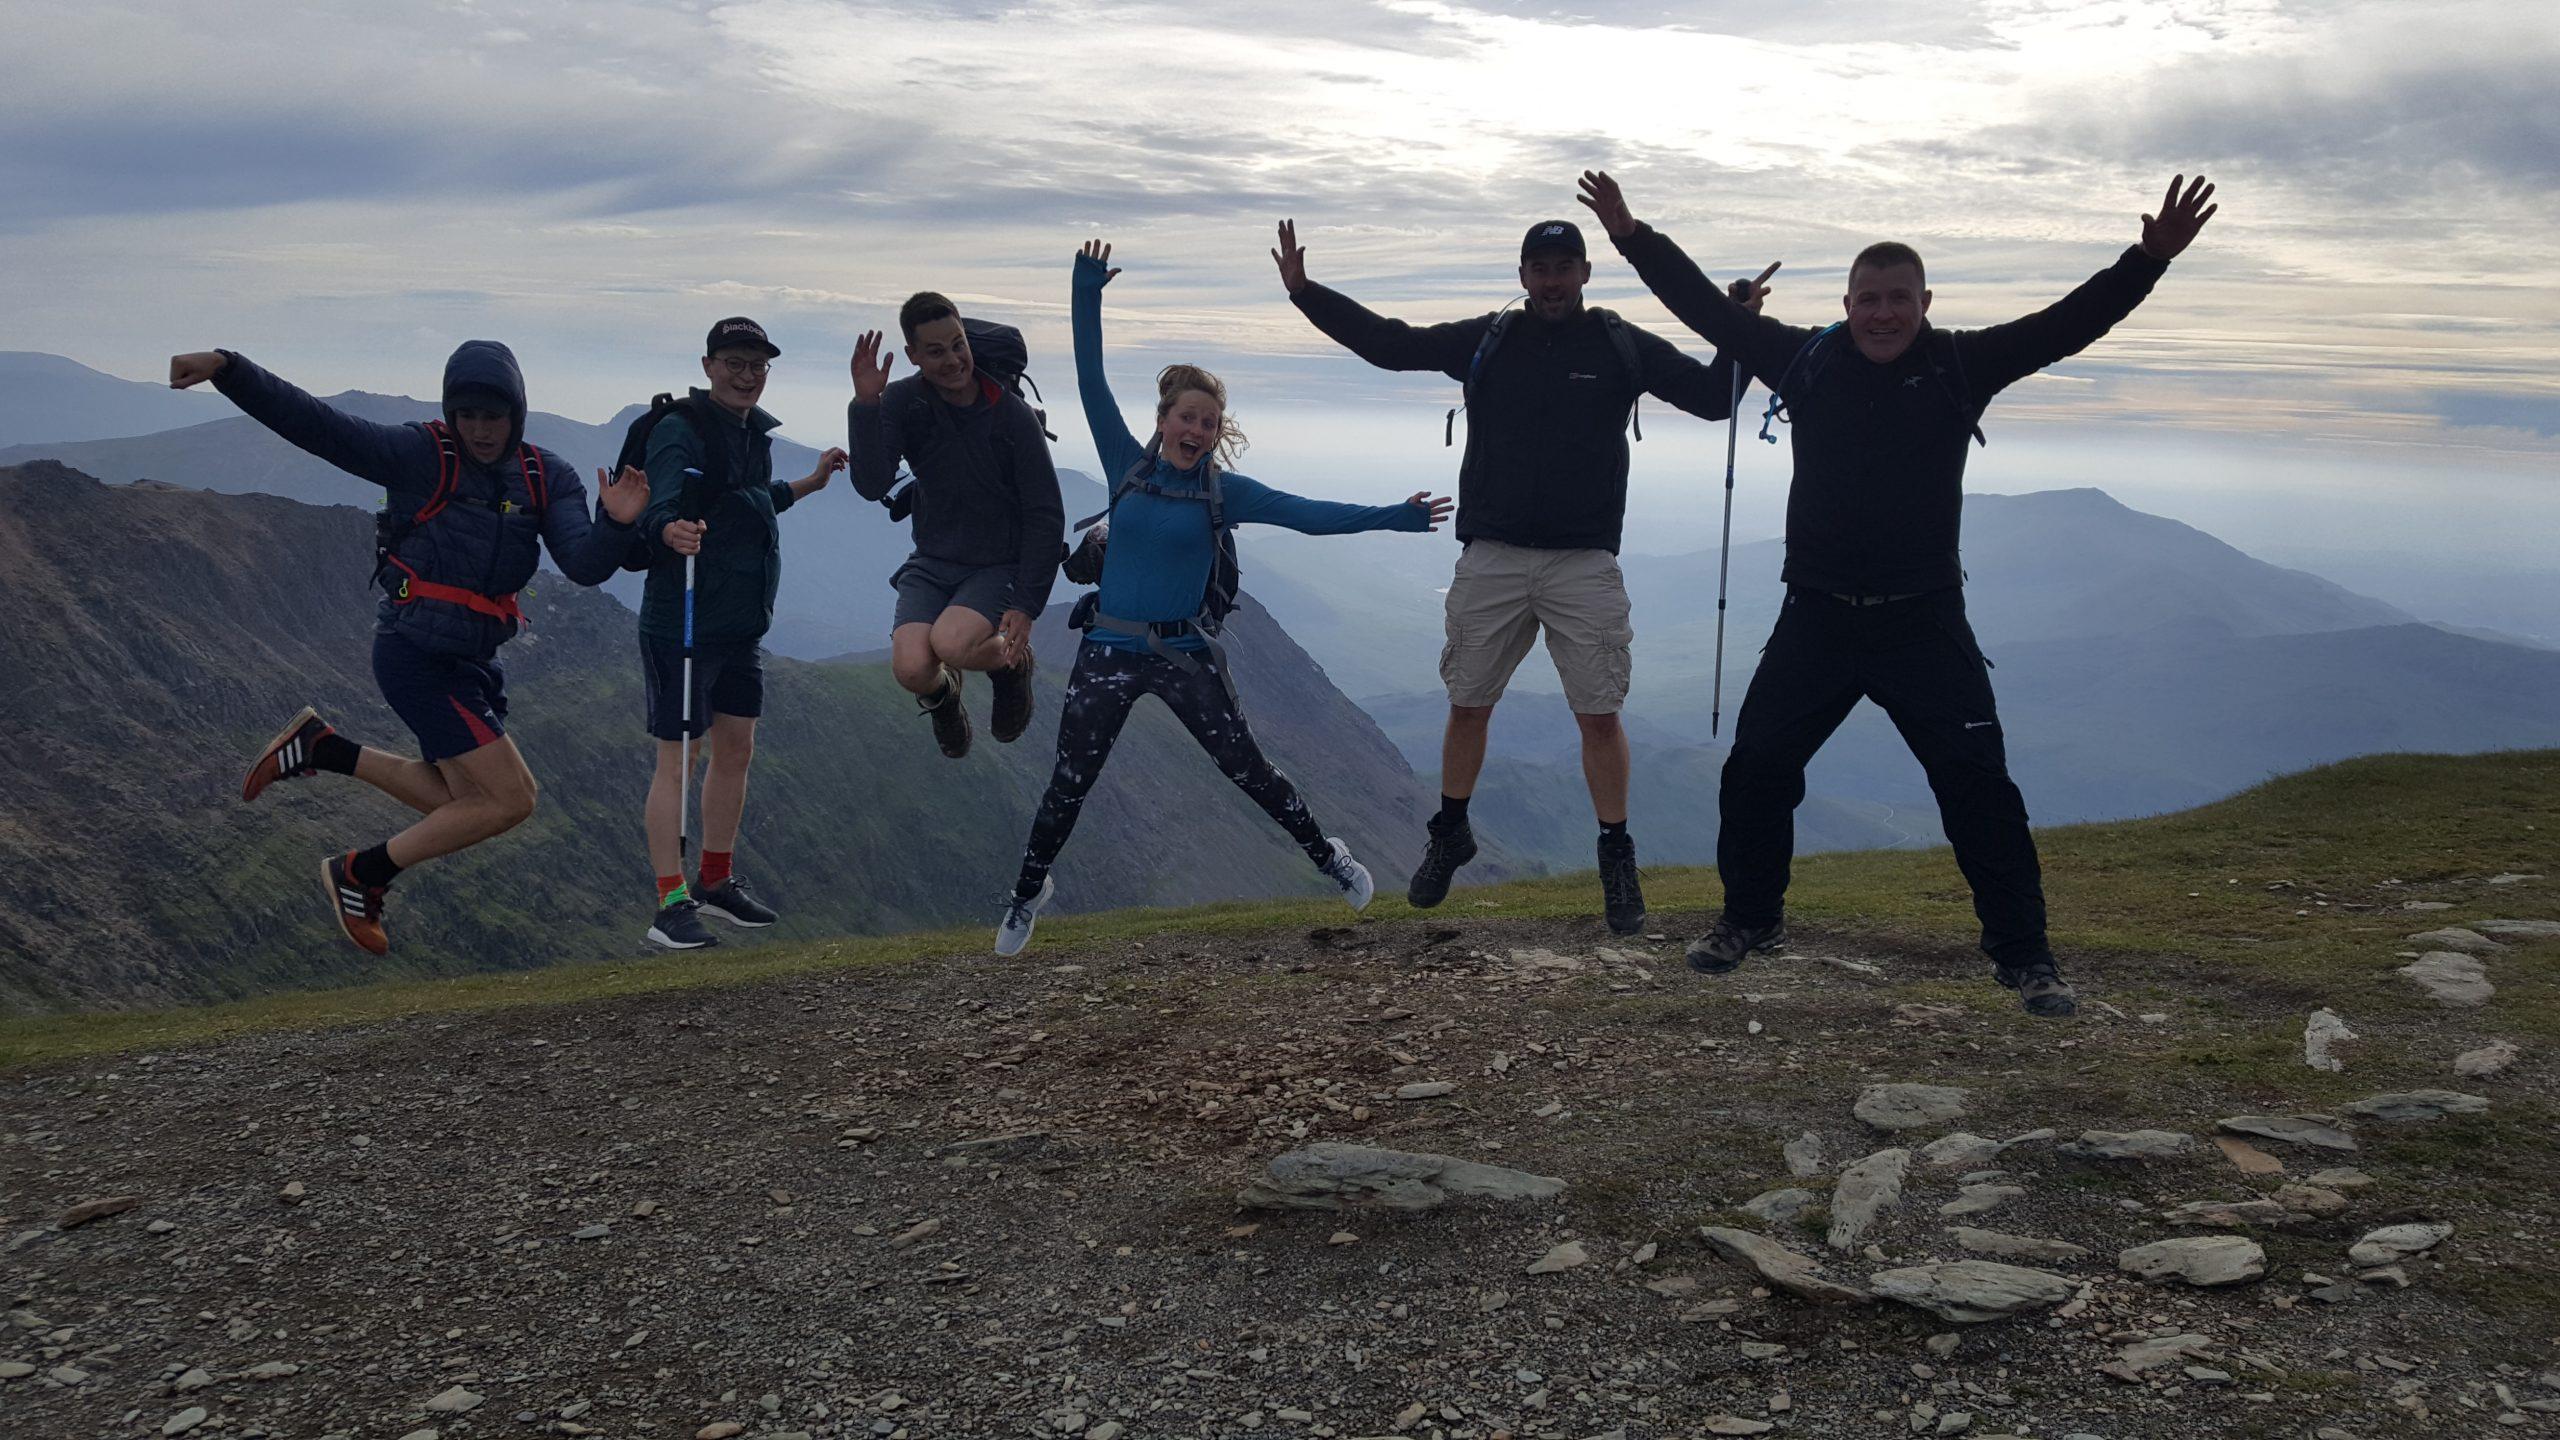 3 peaks group